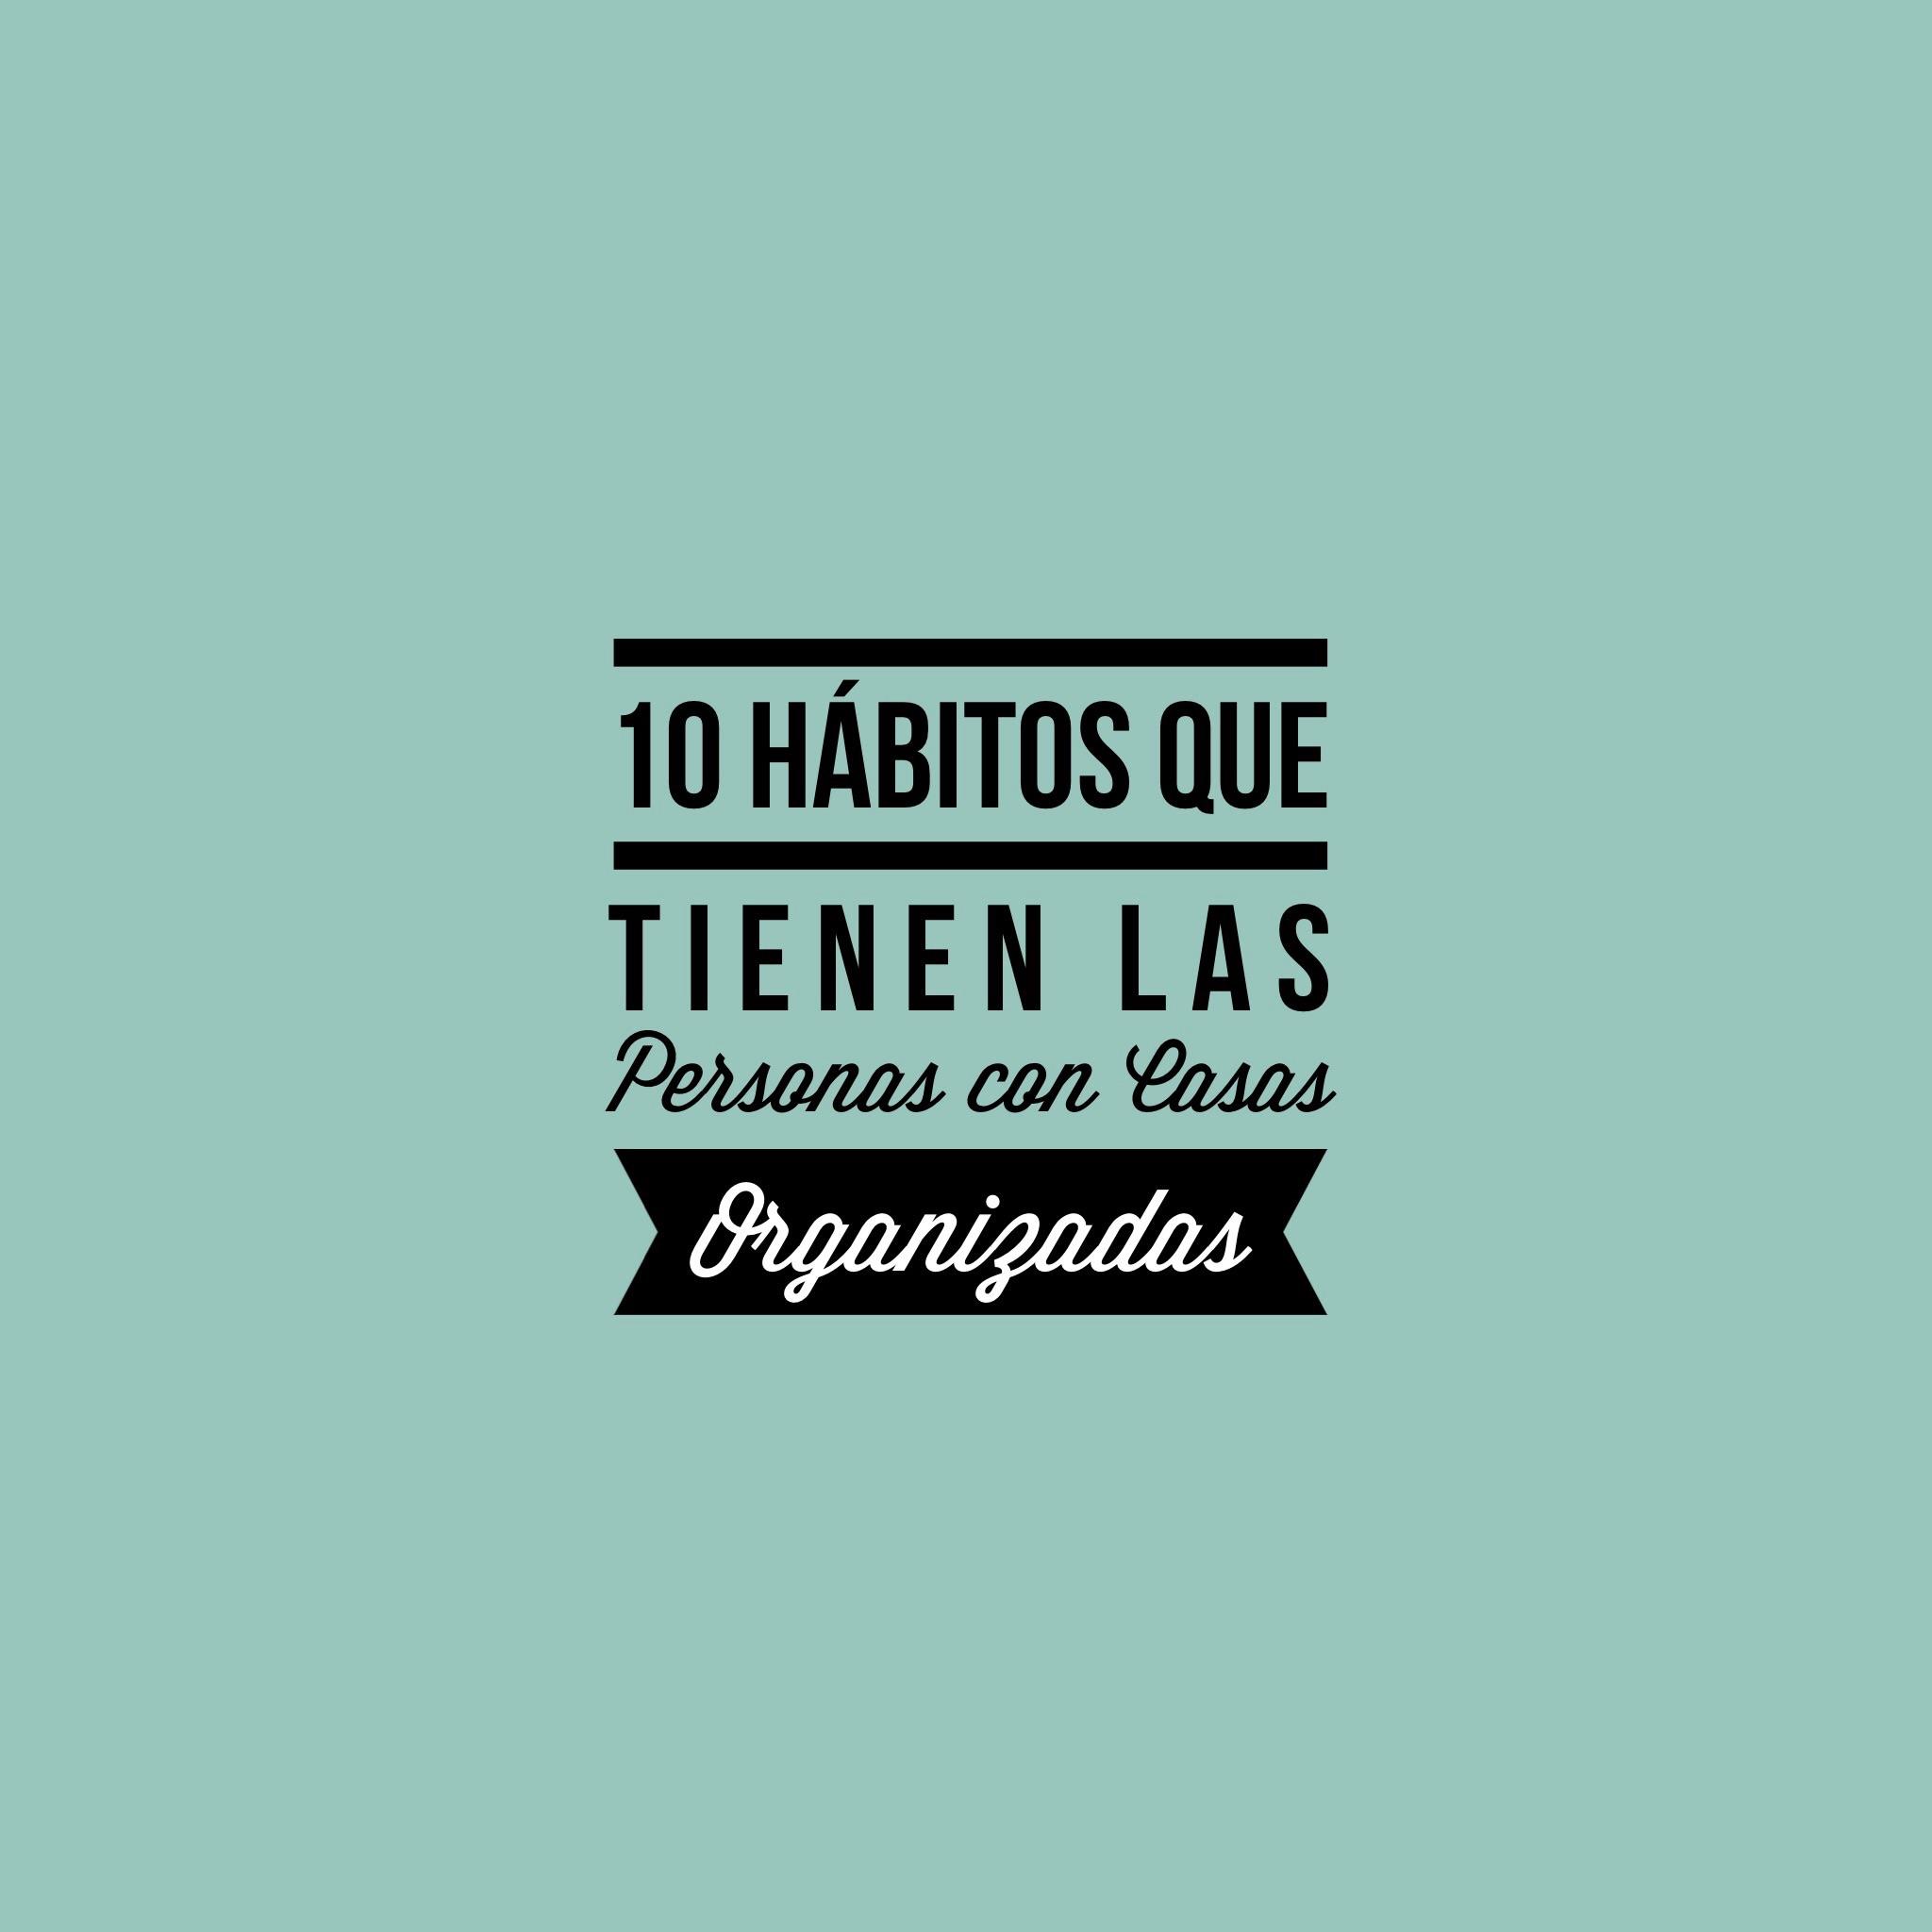 hábitos de las personas con casas organizadas